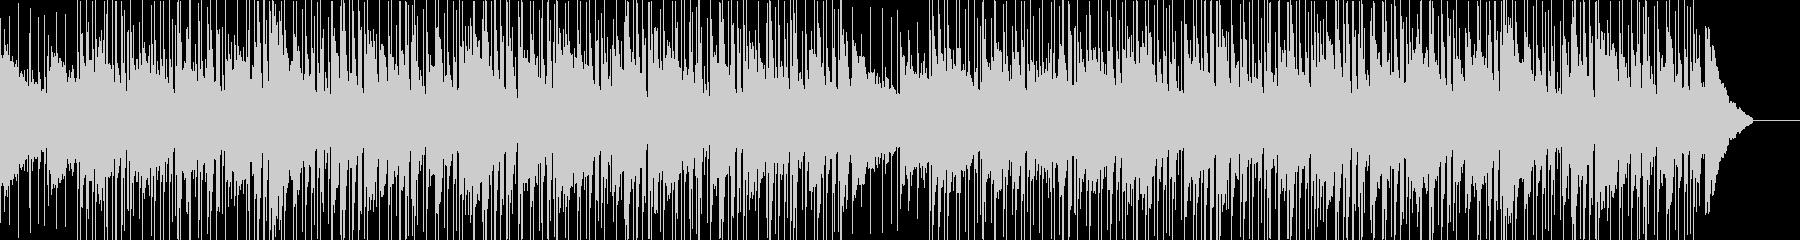 【メロディ無し】シンプルでクリーンな印象の未再生の波形